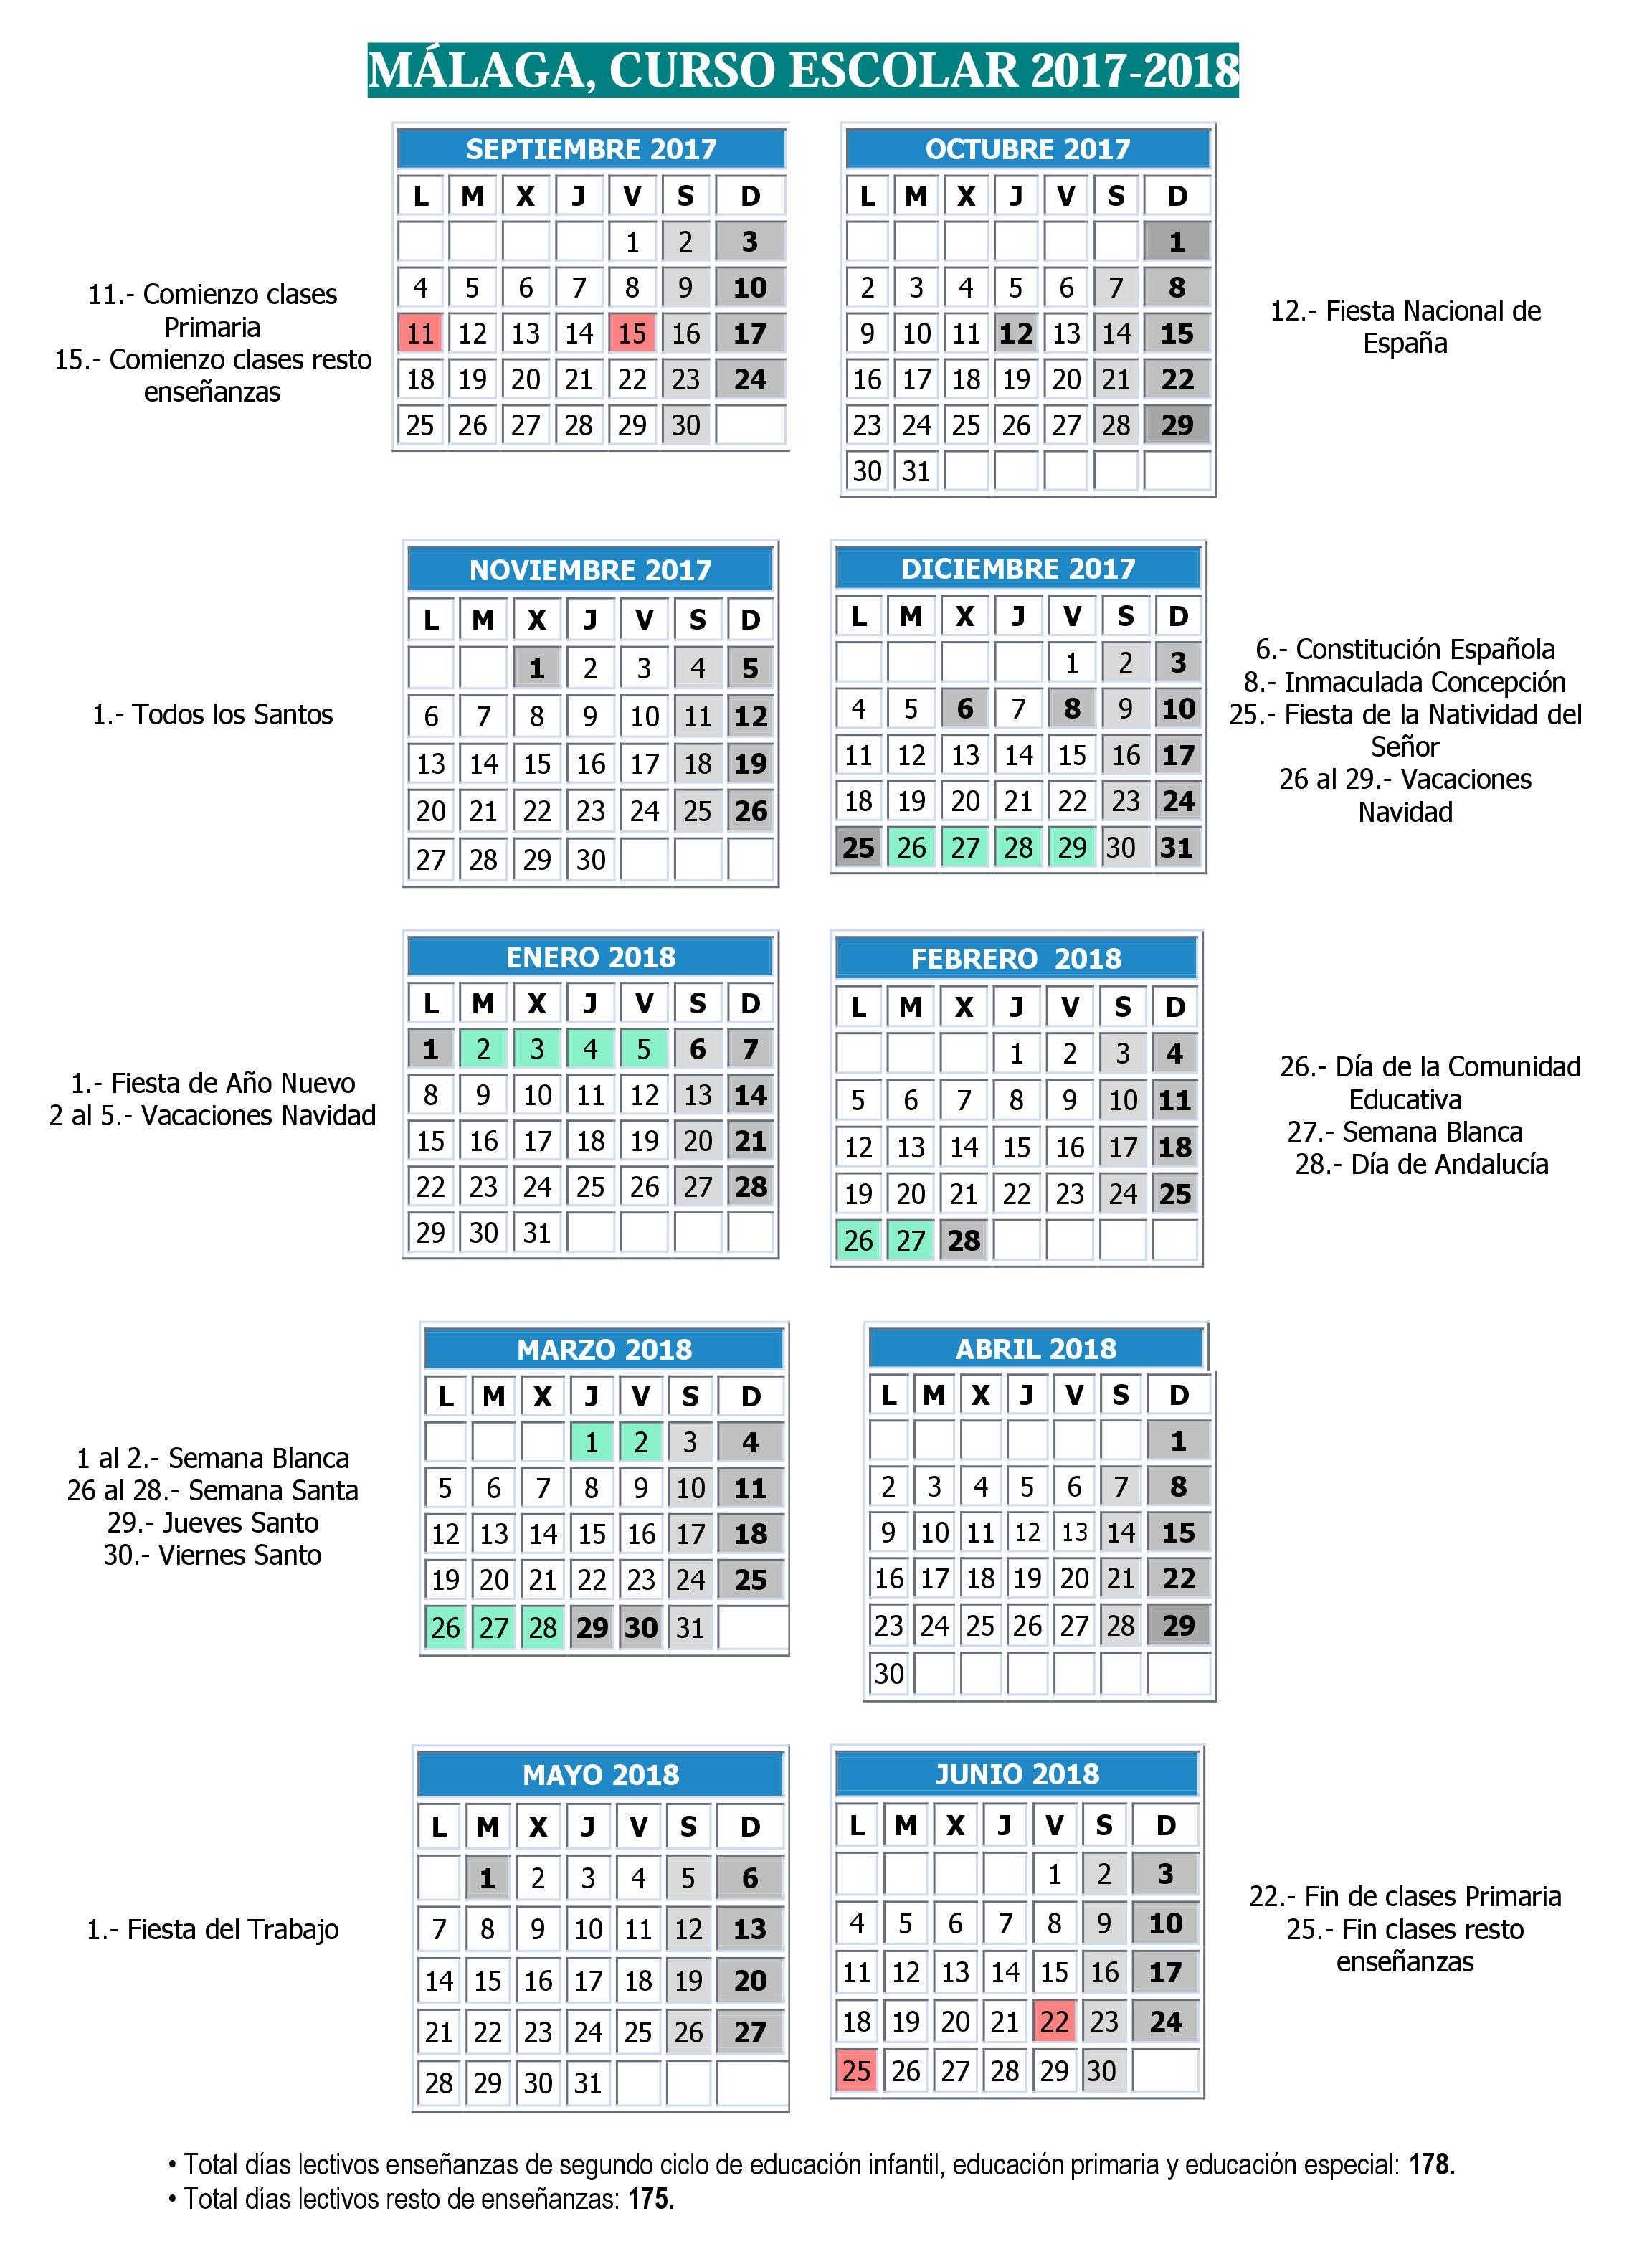 Calendario escolar Málaga 2017 2018 La Diversiva Gua de Ocio